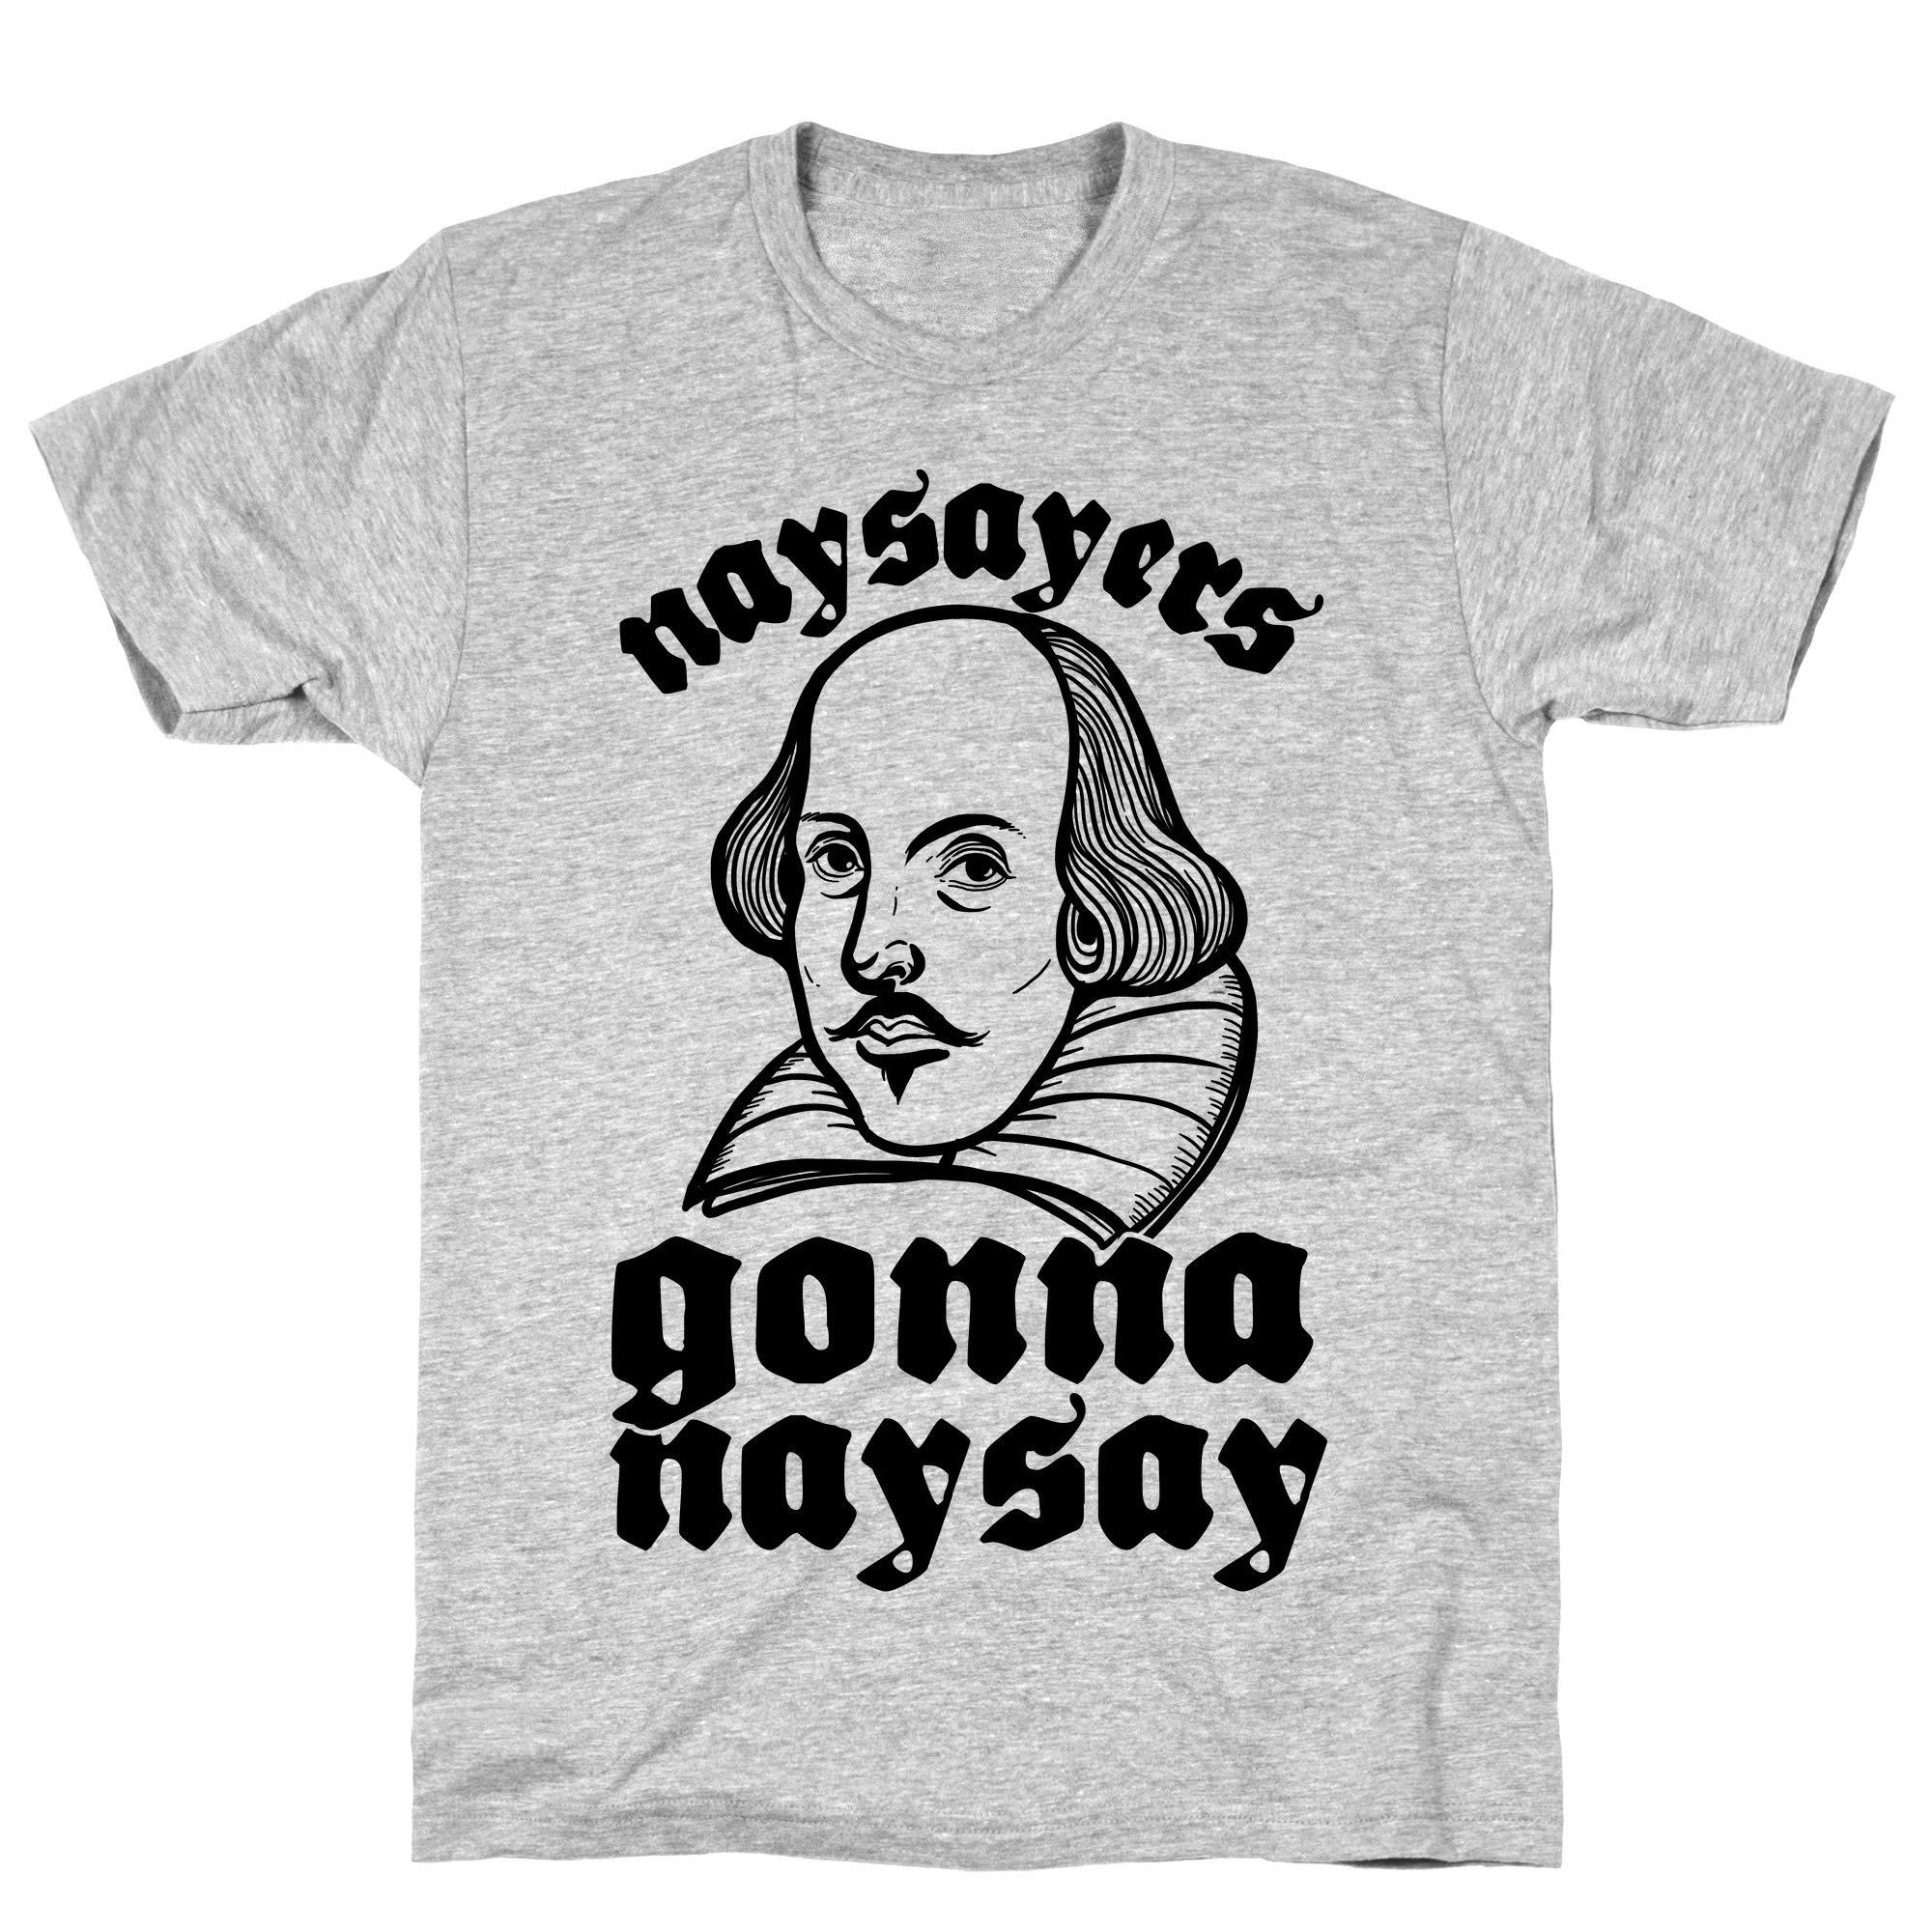 Naysayers Gonna Naysay Athletic Gray S Ts Shirts